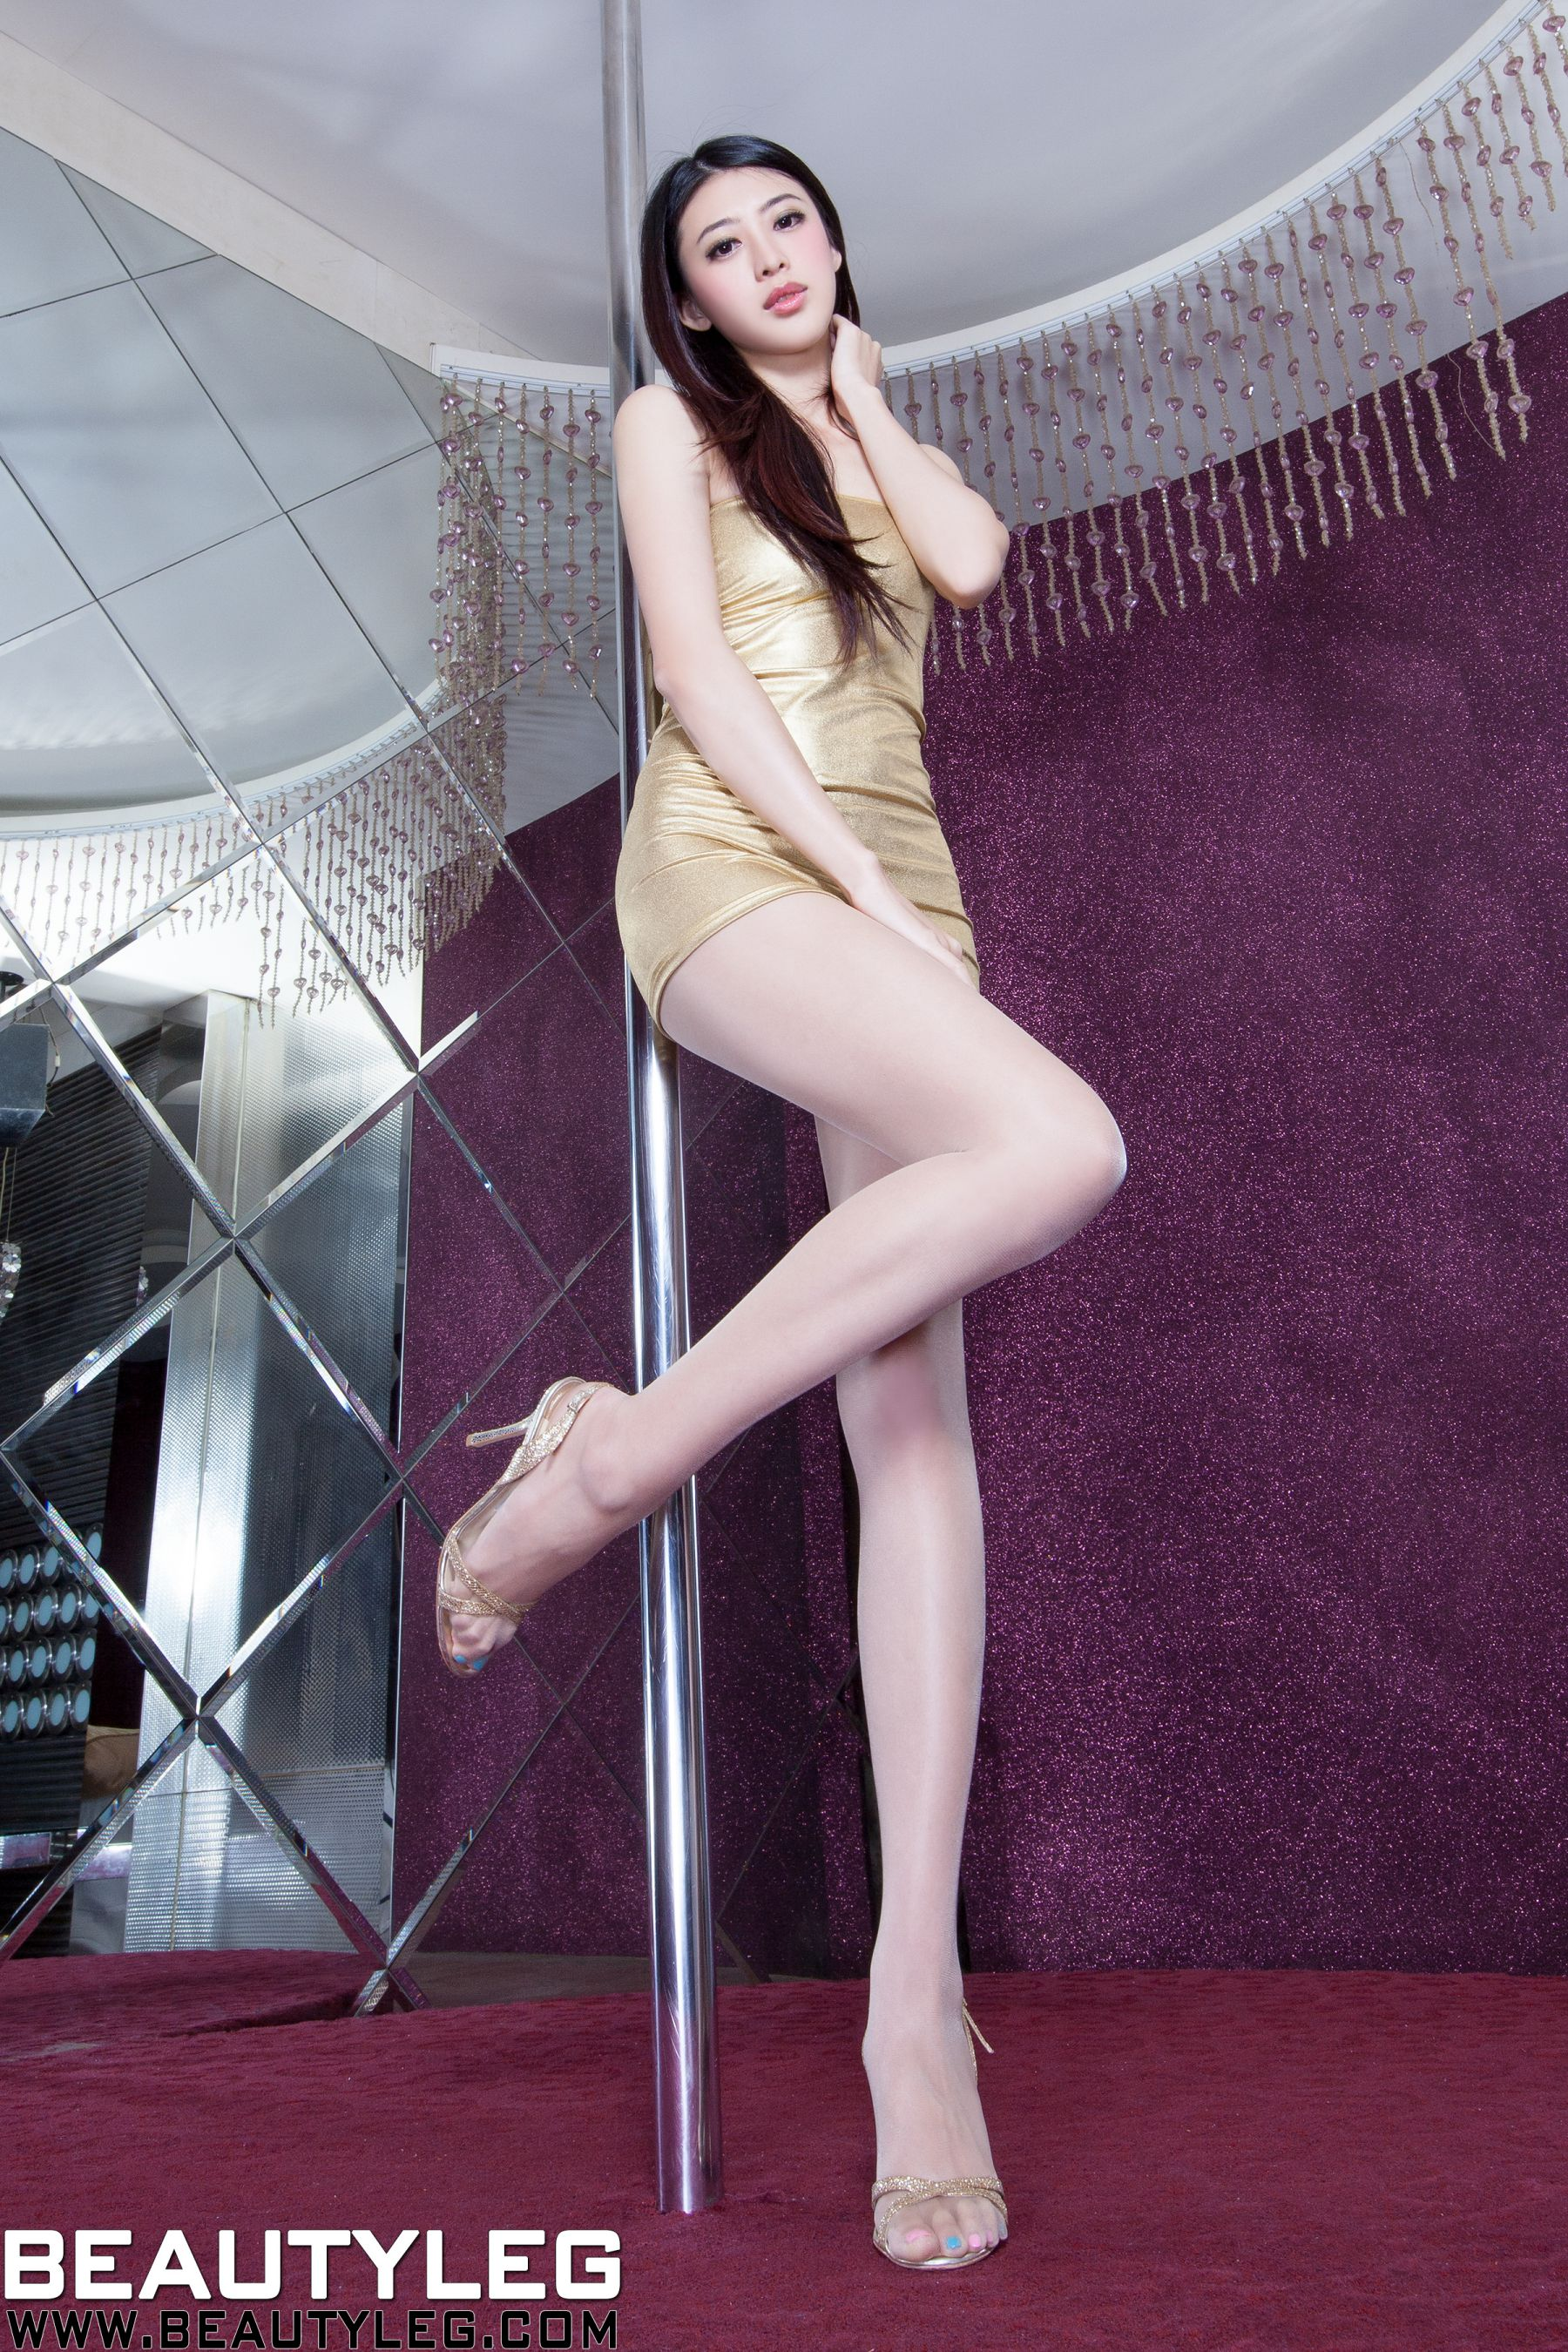 VOL.674 [Beautyleg]美腿吊带丝袜:蔡茵茵(腿模Flora)高品质写真套图(58P)